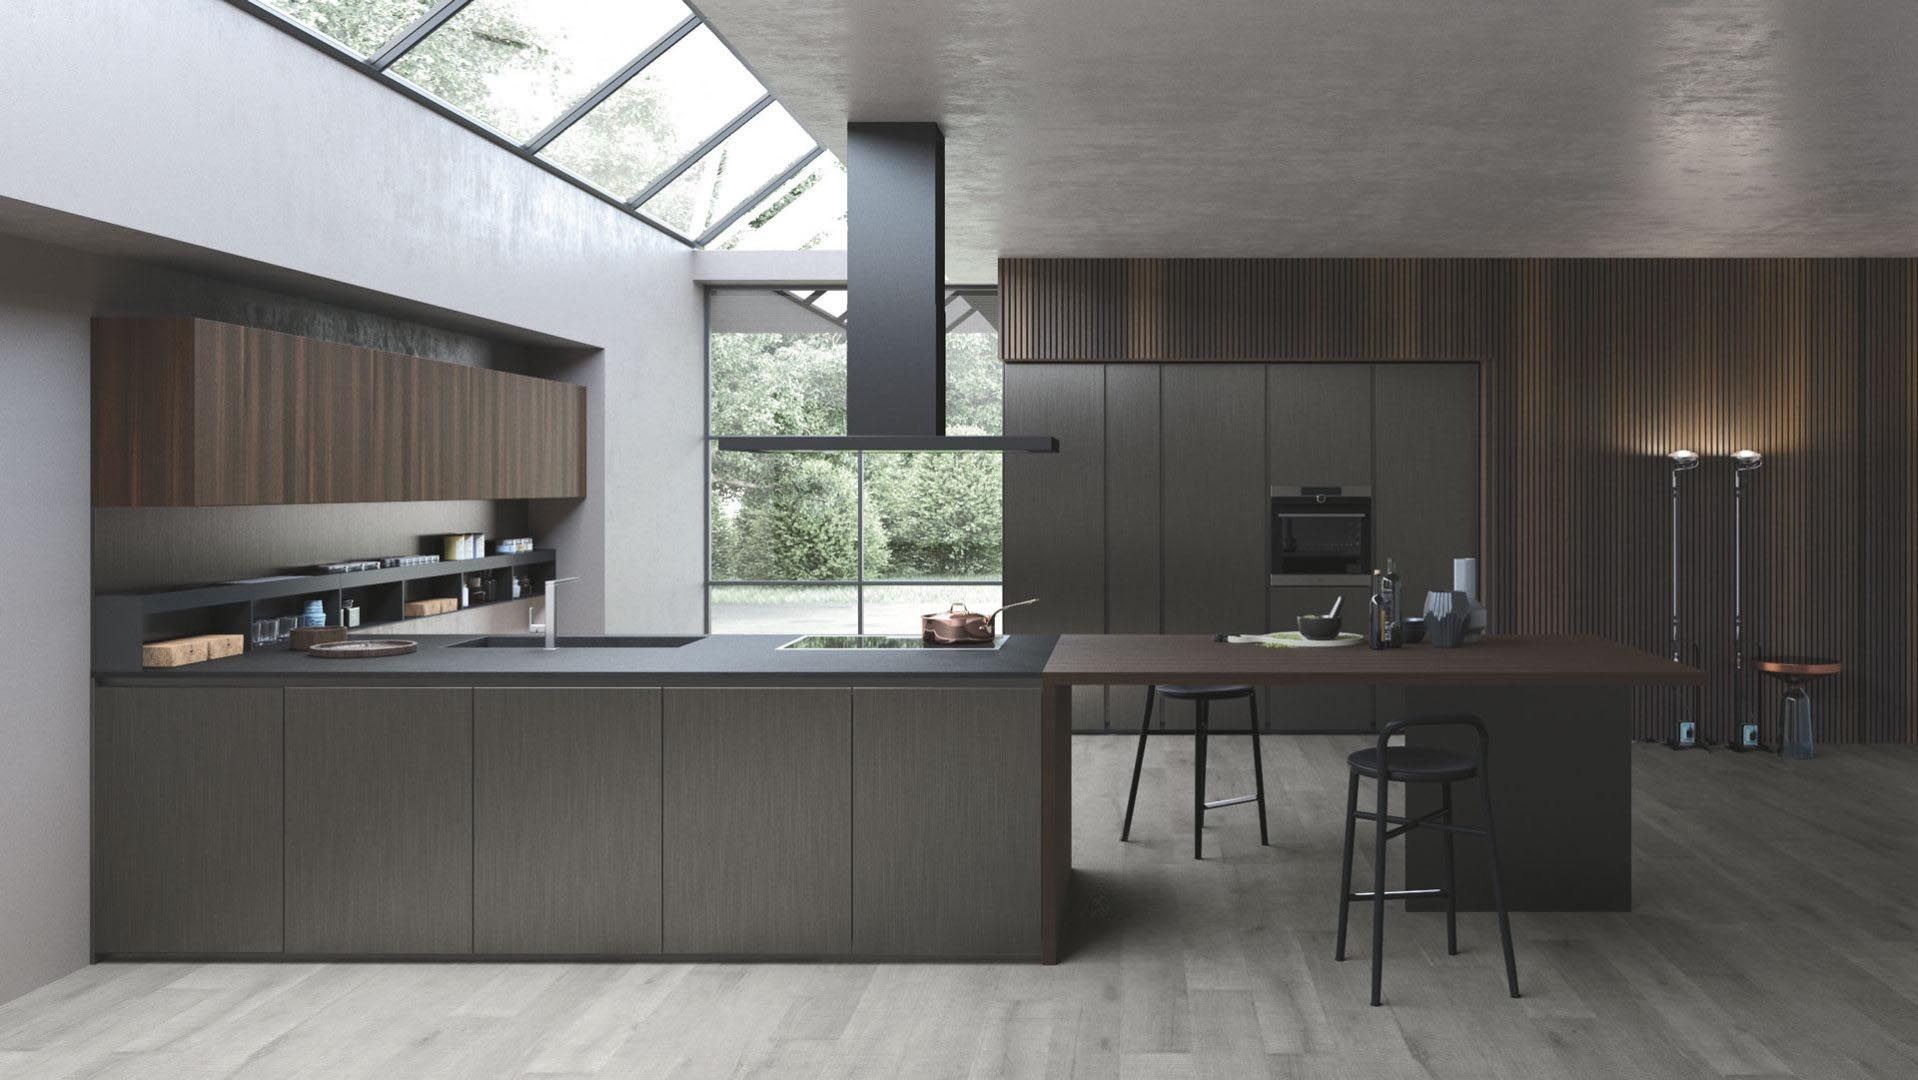 Kitchen K016 By Pedini Kitchen Cucina Interiordesignideas Interiordesign Kitchenide Progetti Di Cucine Progettazione Di Una Cucina Moderna Cucine Italiane